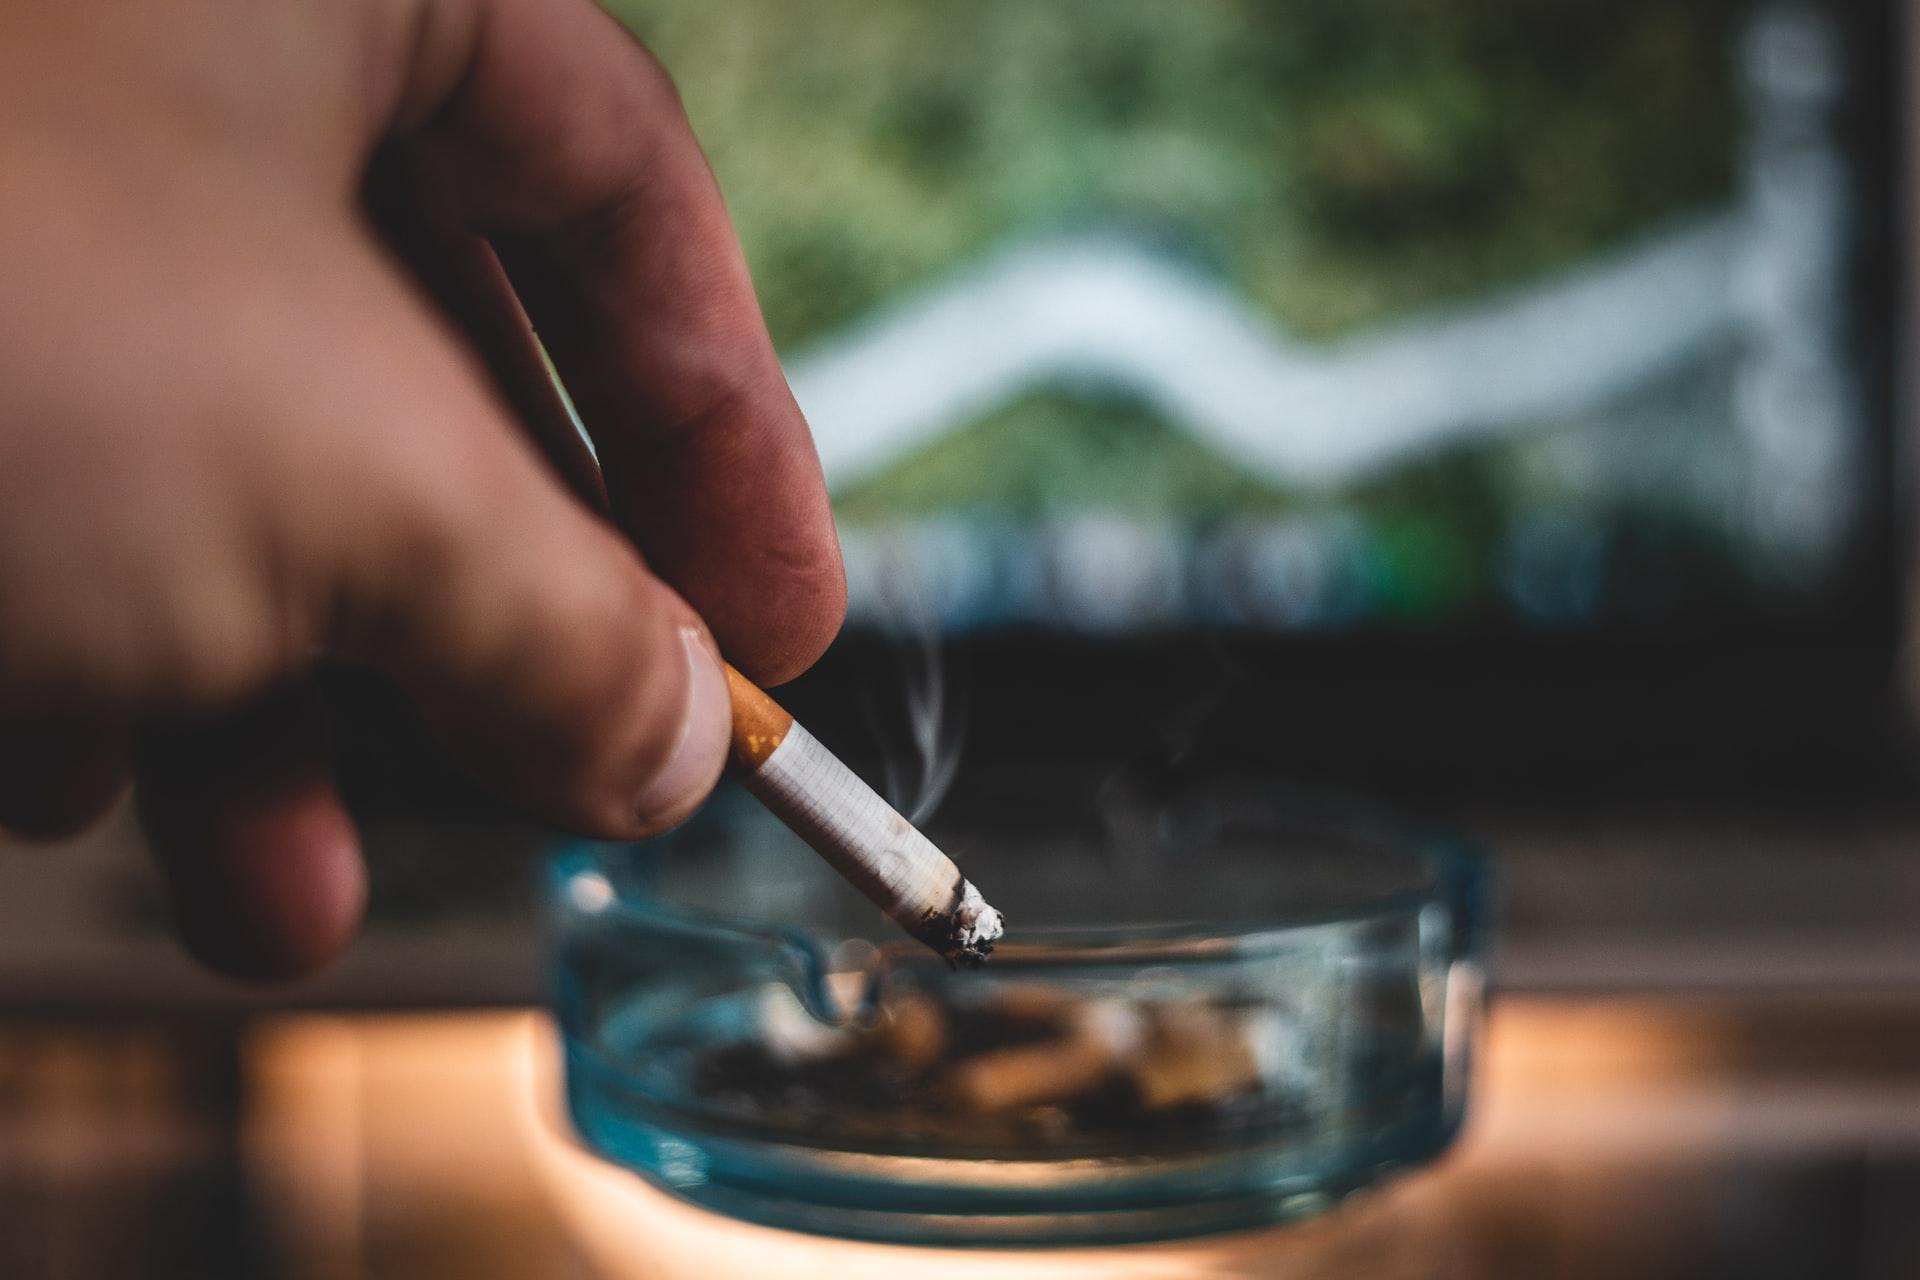 A person tabbing cigarette ash into a glass ashtray.